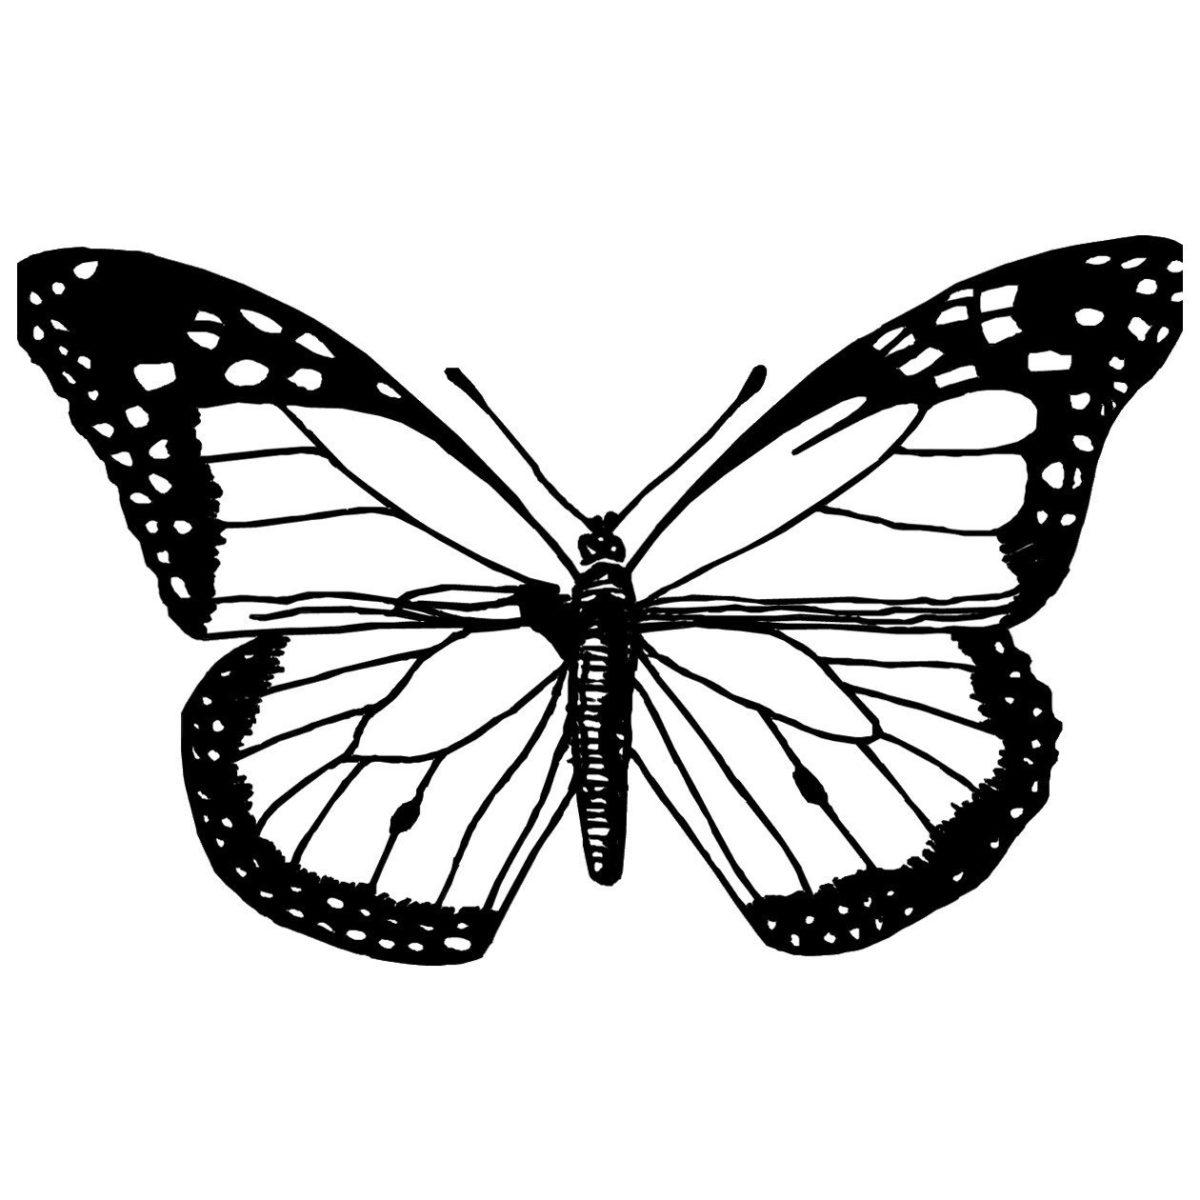 Уставшая бабочка - Картинка для раскрашивания красками-гуашью